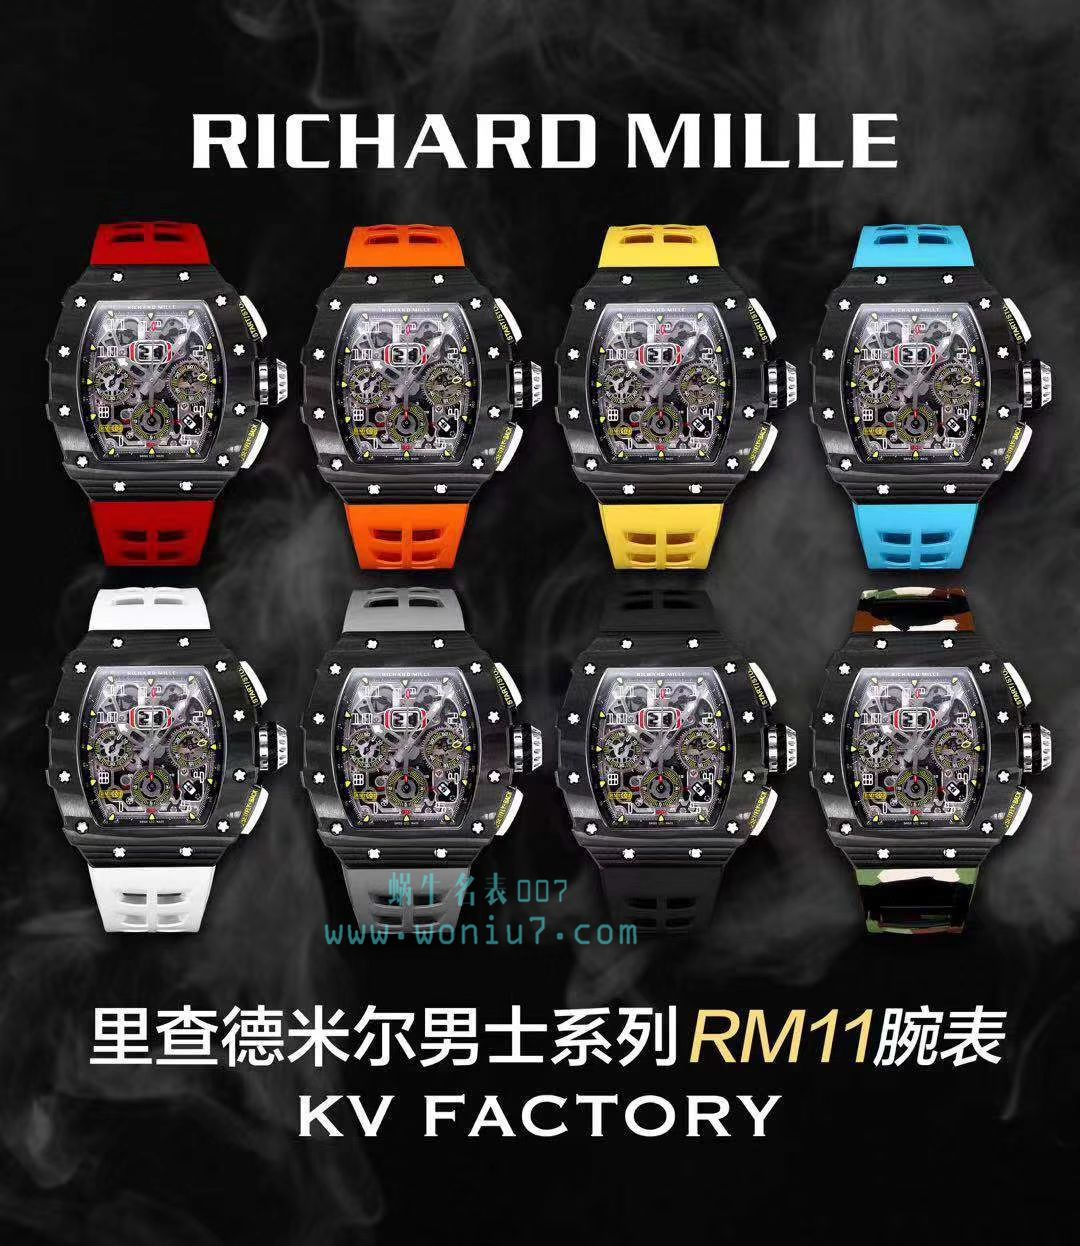 KV台湾厂全新巨作理 查 德米勒RM011-03NTPT碳纤维腕表